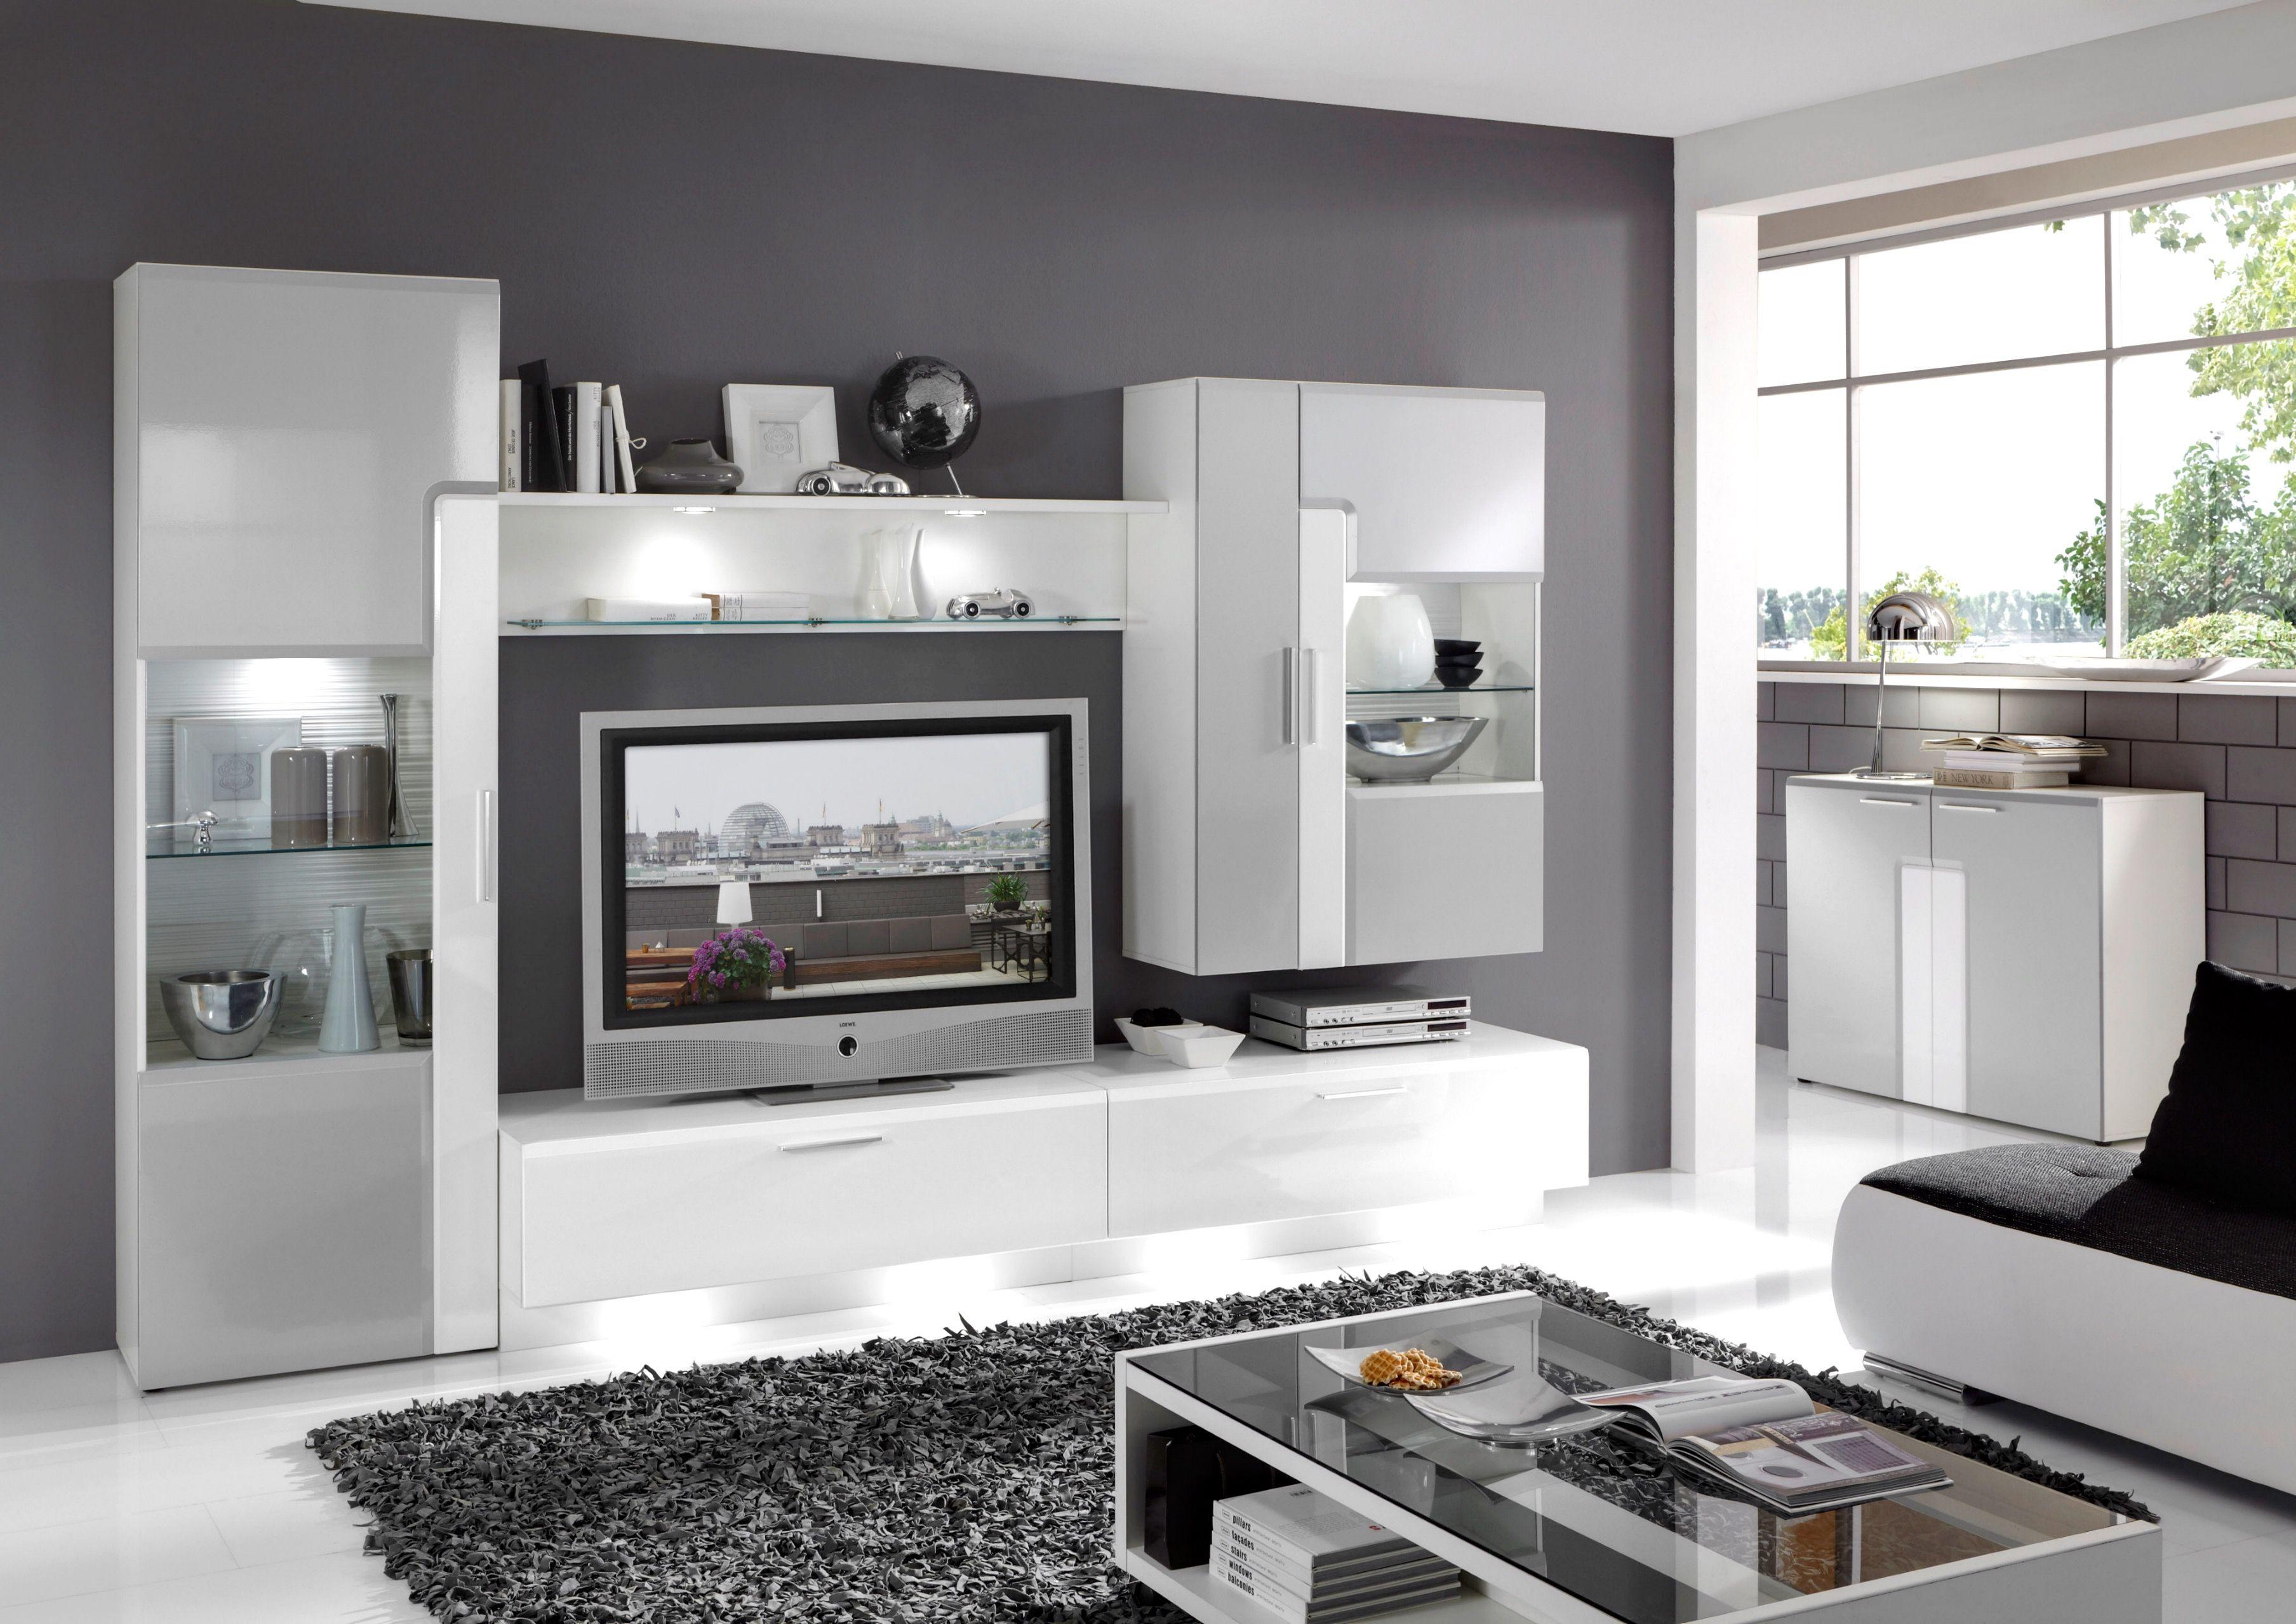 wohnzimmer ideen weiß grau #wohnzimmerideenwandgestaltung